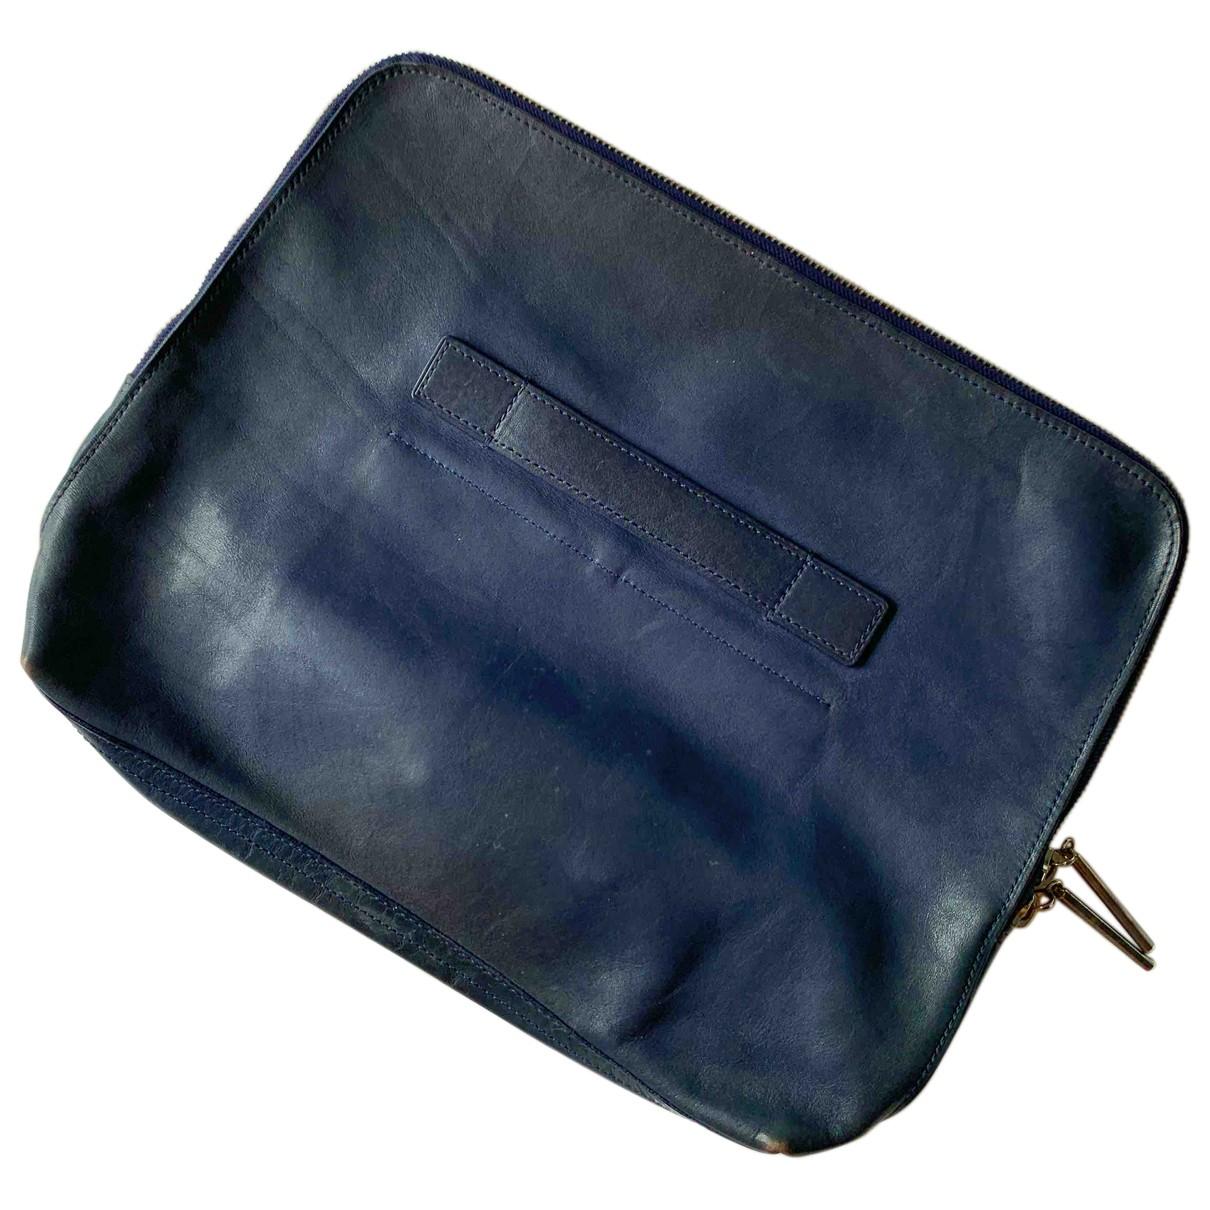 3.1 Phillip Lim N Navy Leather bag for Men N